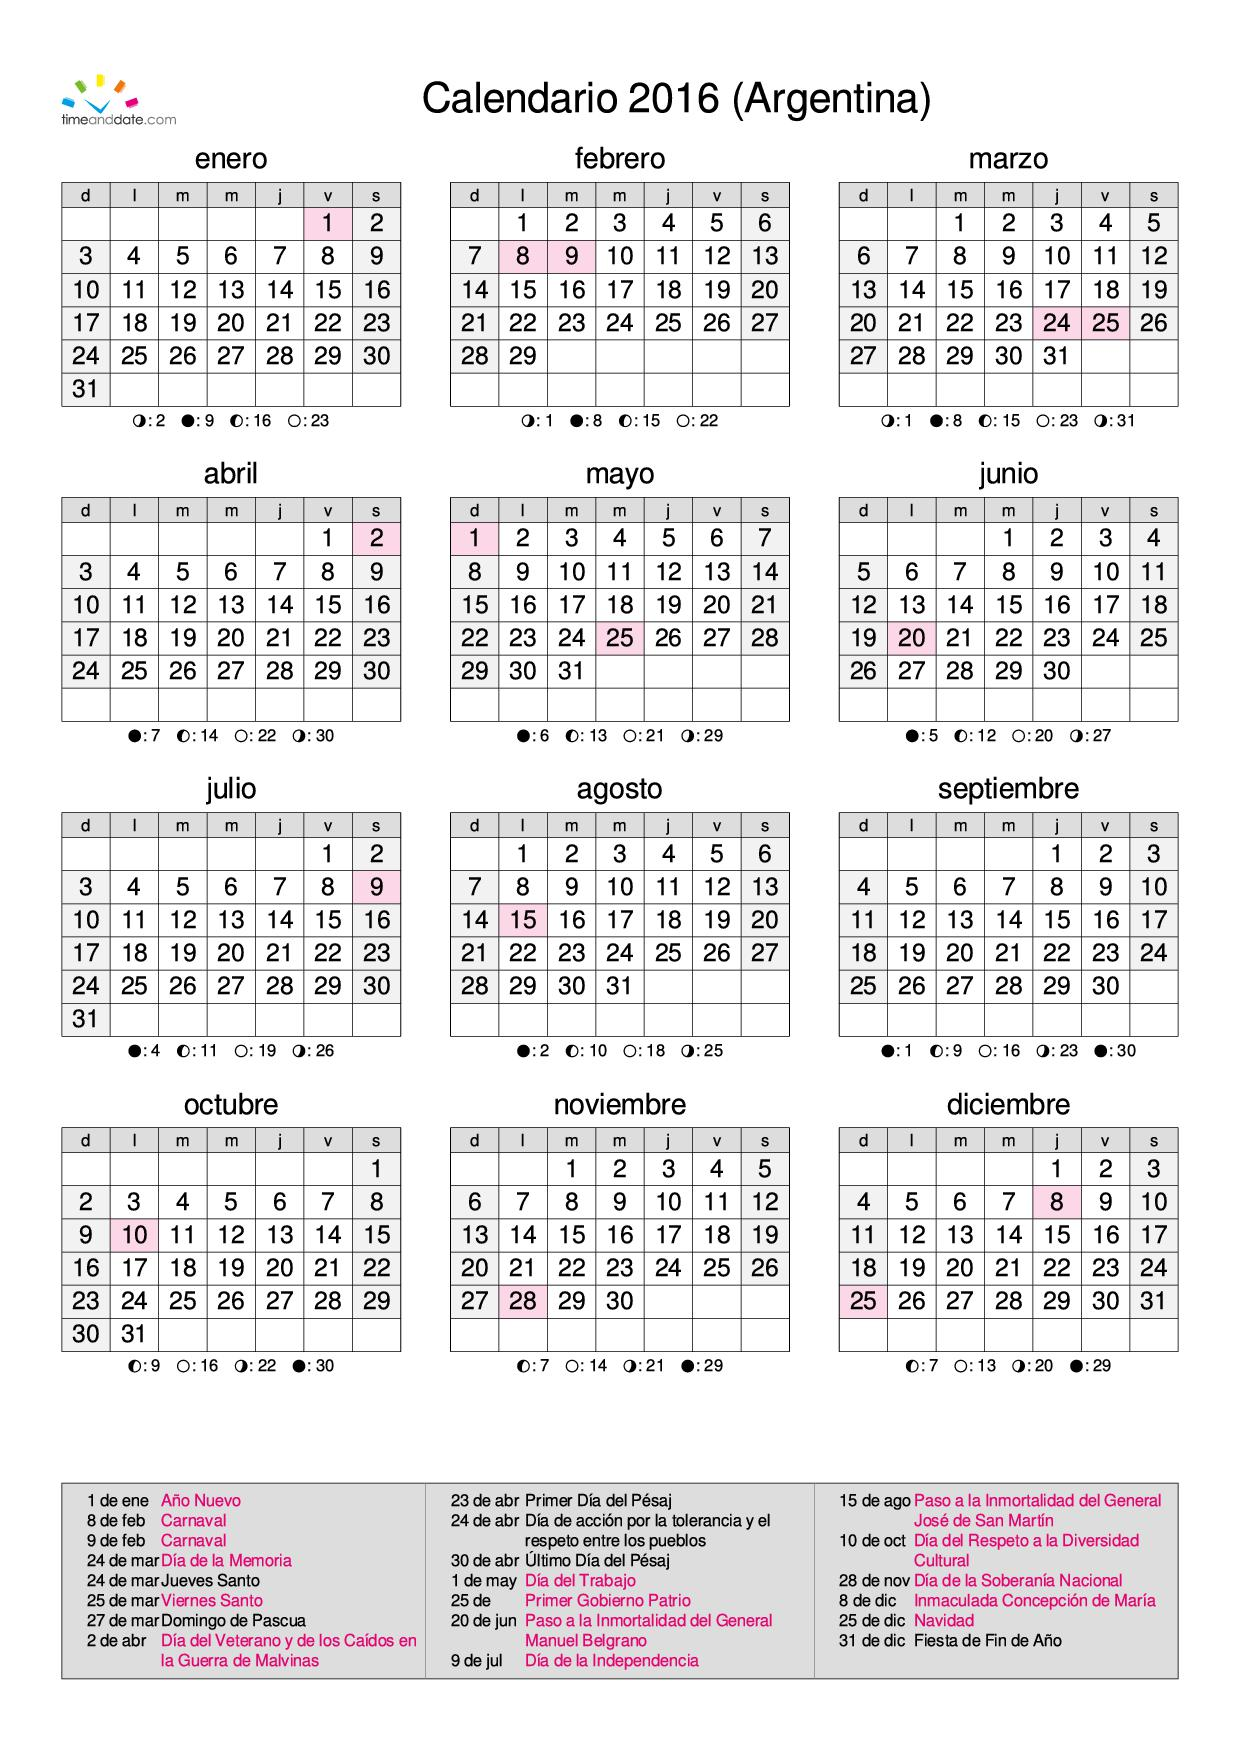 Calendario 2016 Argentina Para Imprimir